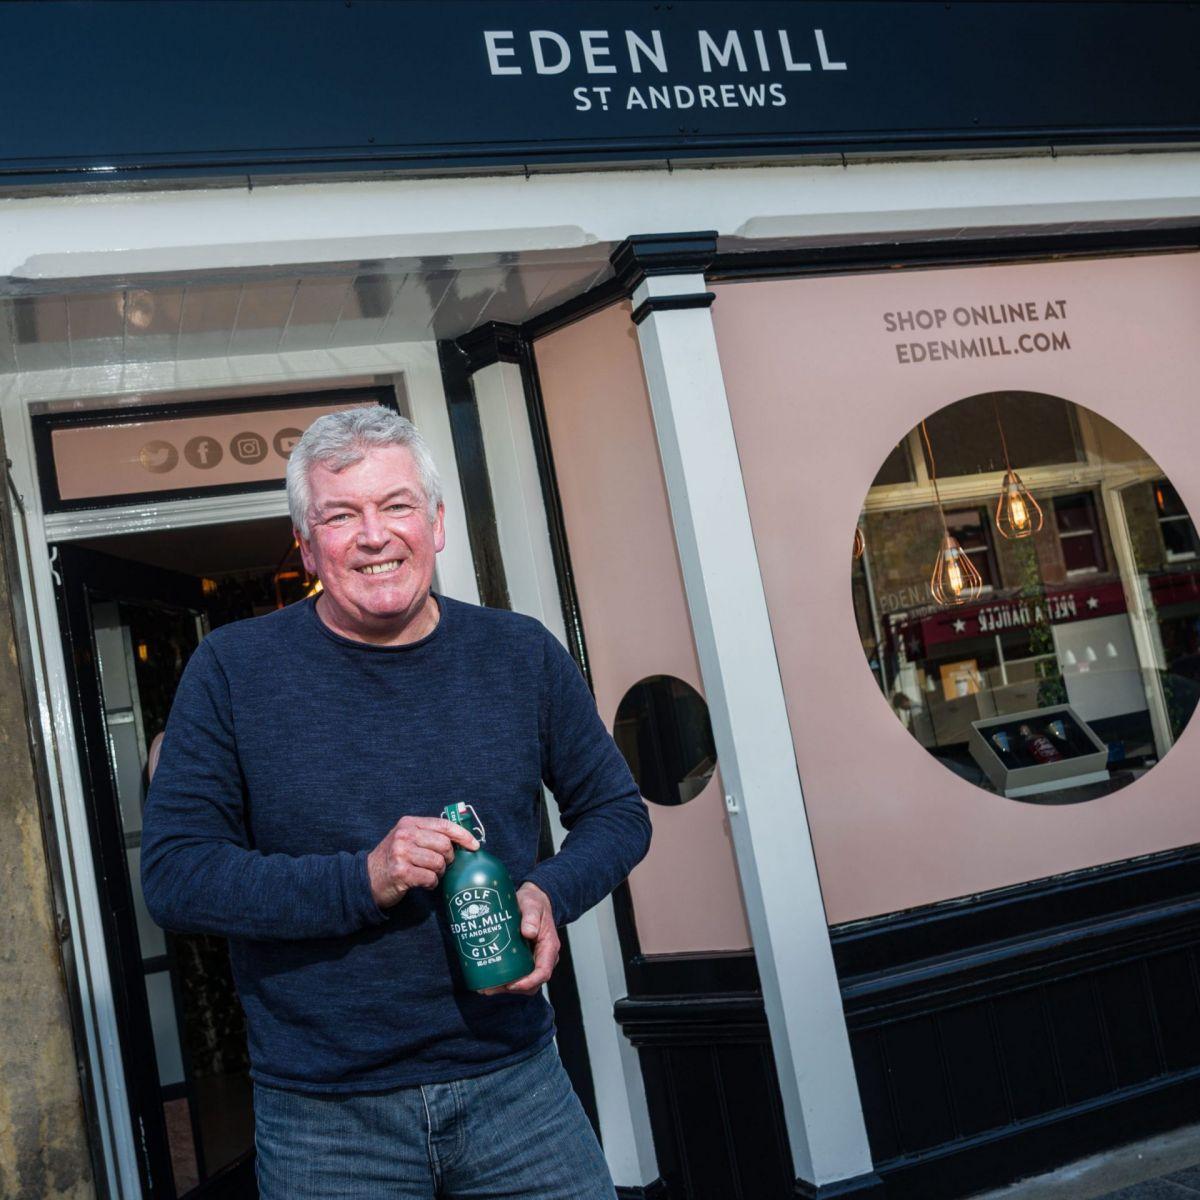 Paul Miller founder of Eden Mill